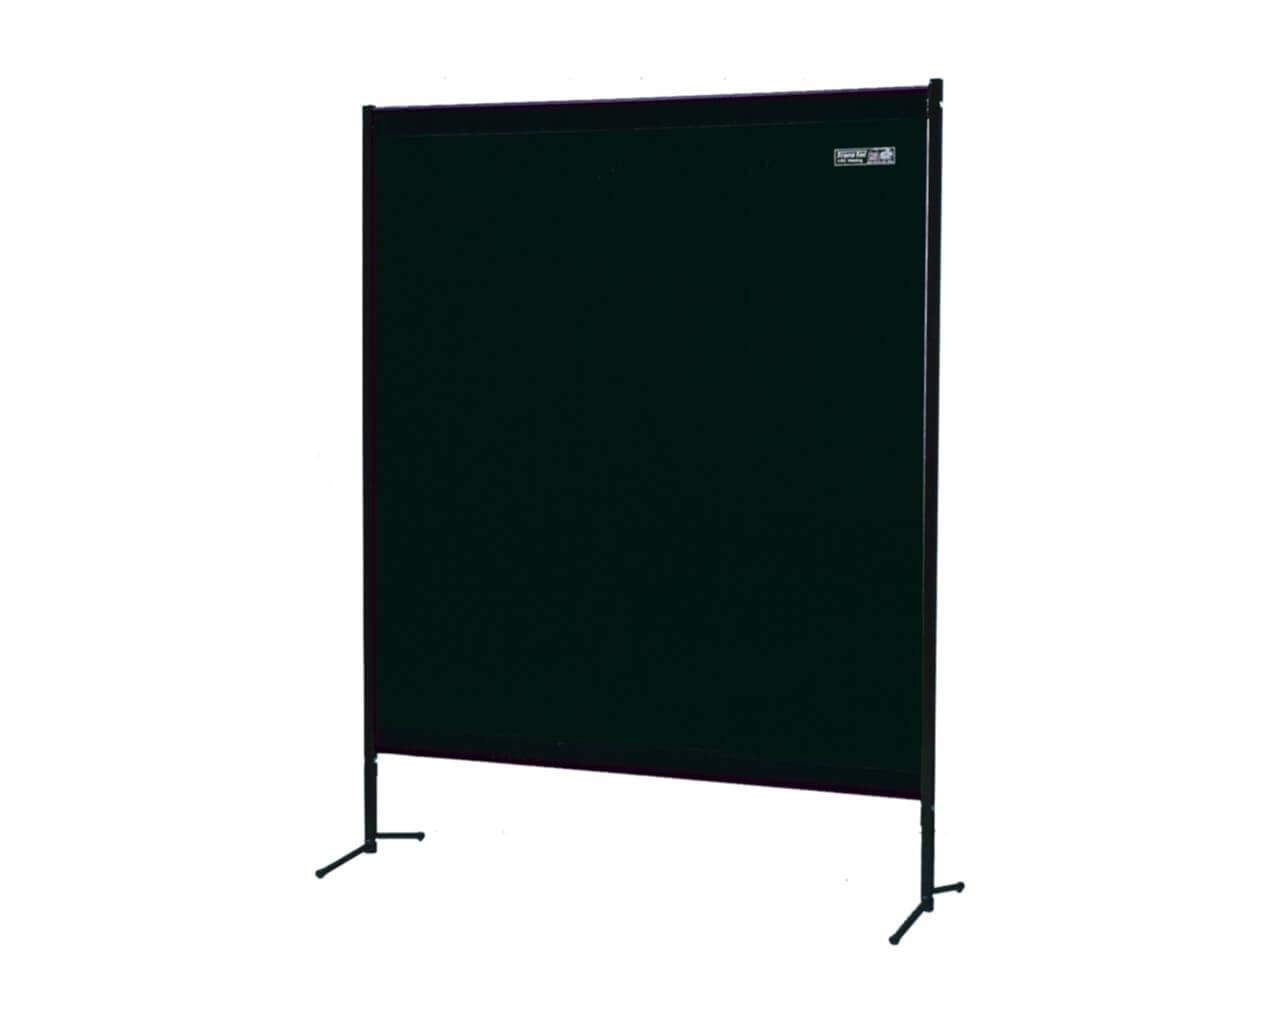 Schutzwand TSW-1 145x187cm (Dunkelgrün matt)